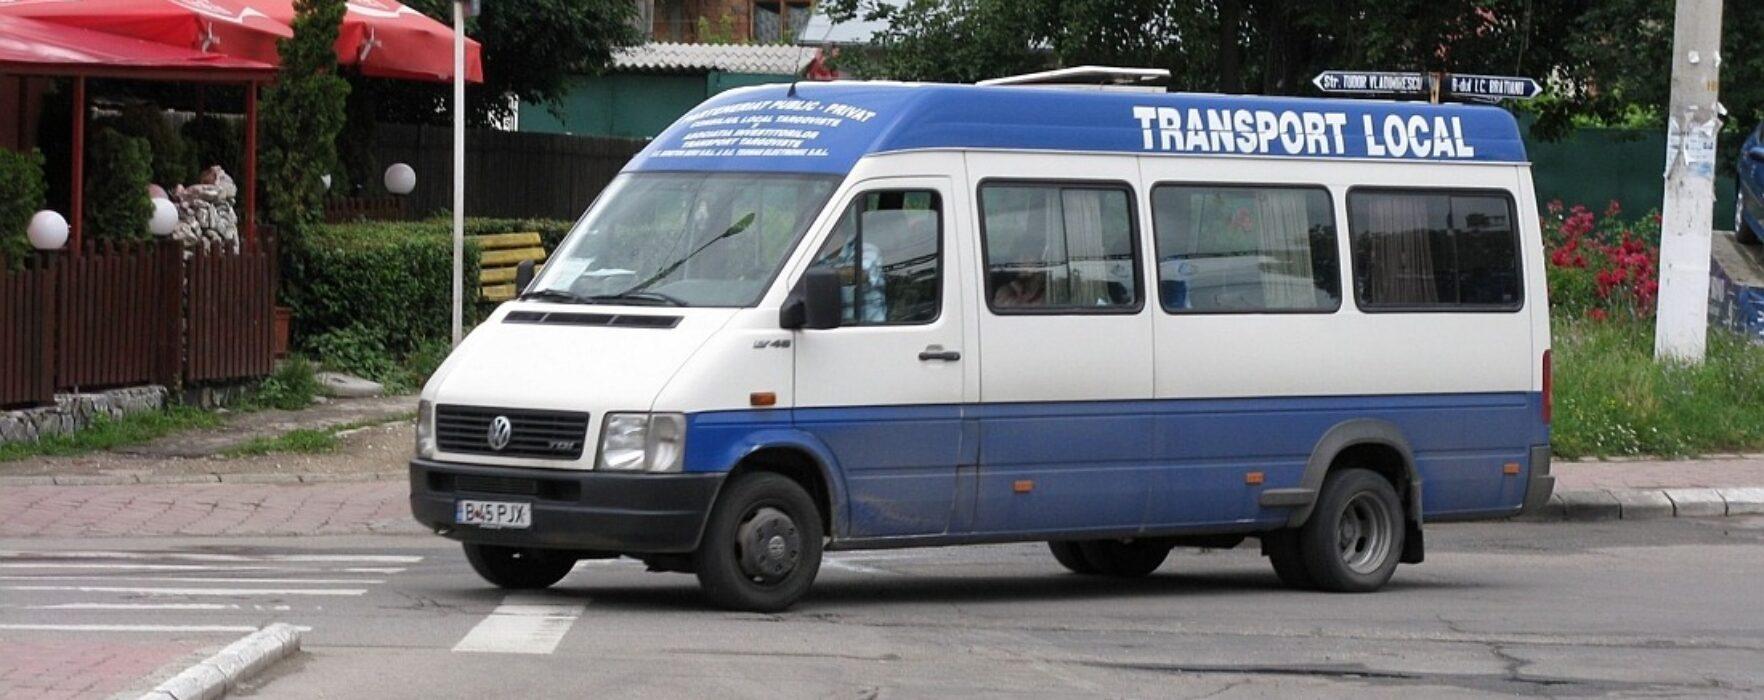 Restricţii de circulaţie în Târgovişte; vezi modificări la transportul în comun